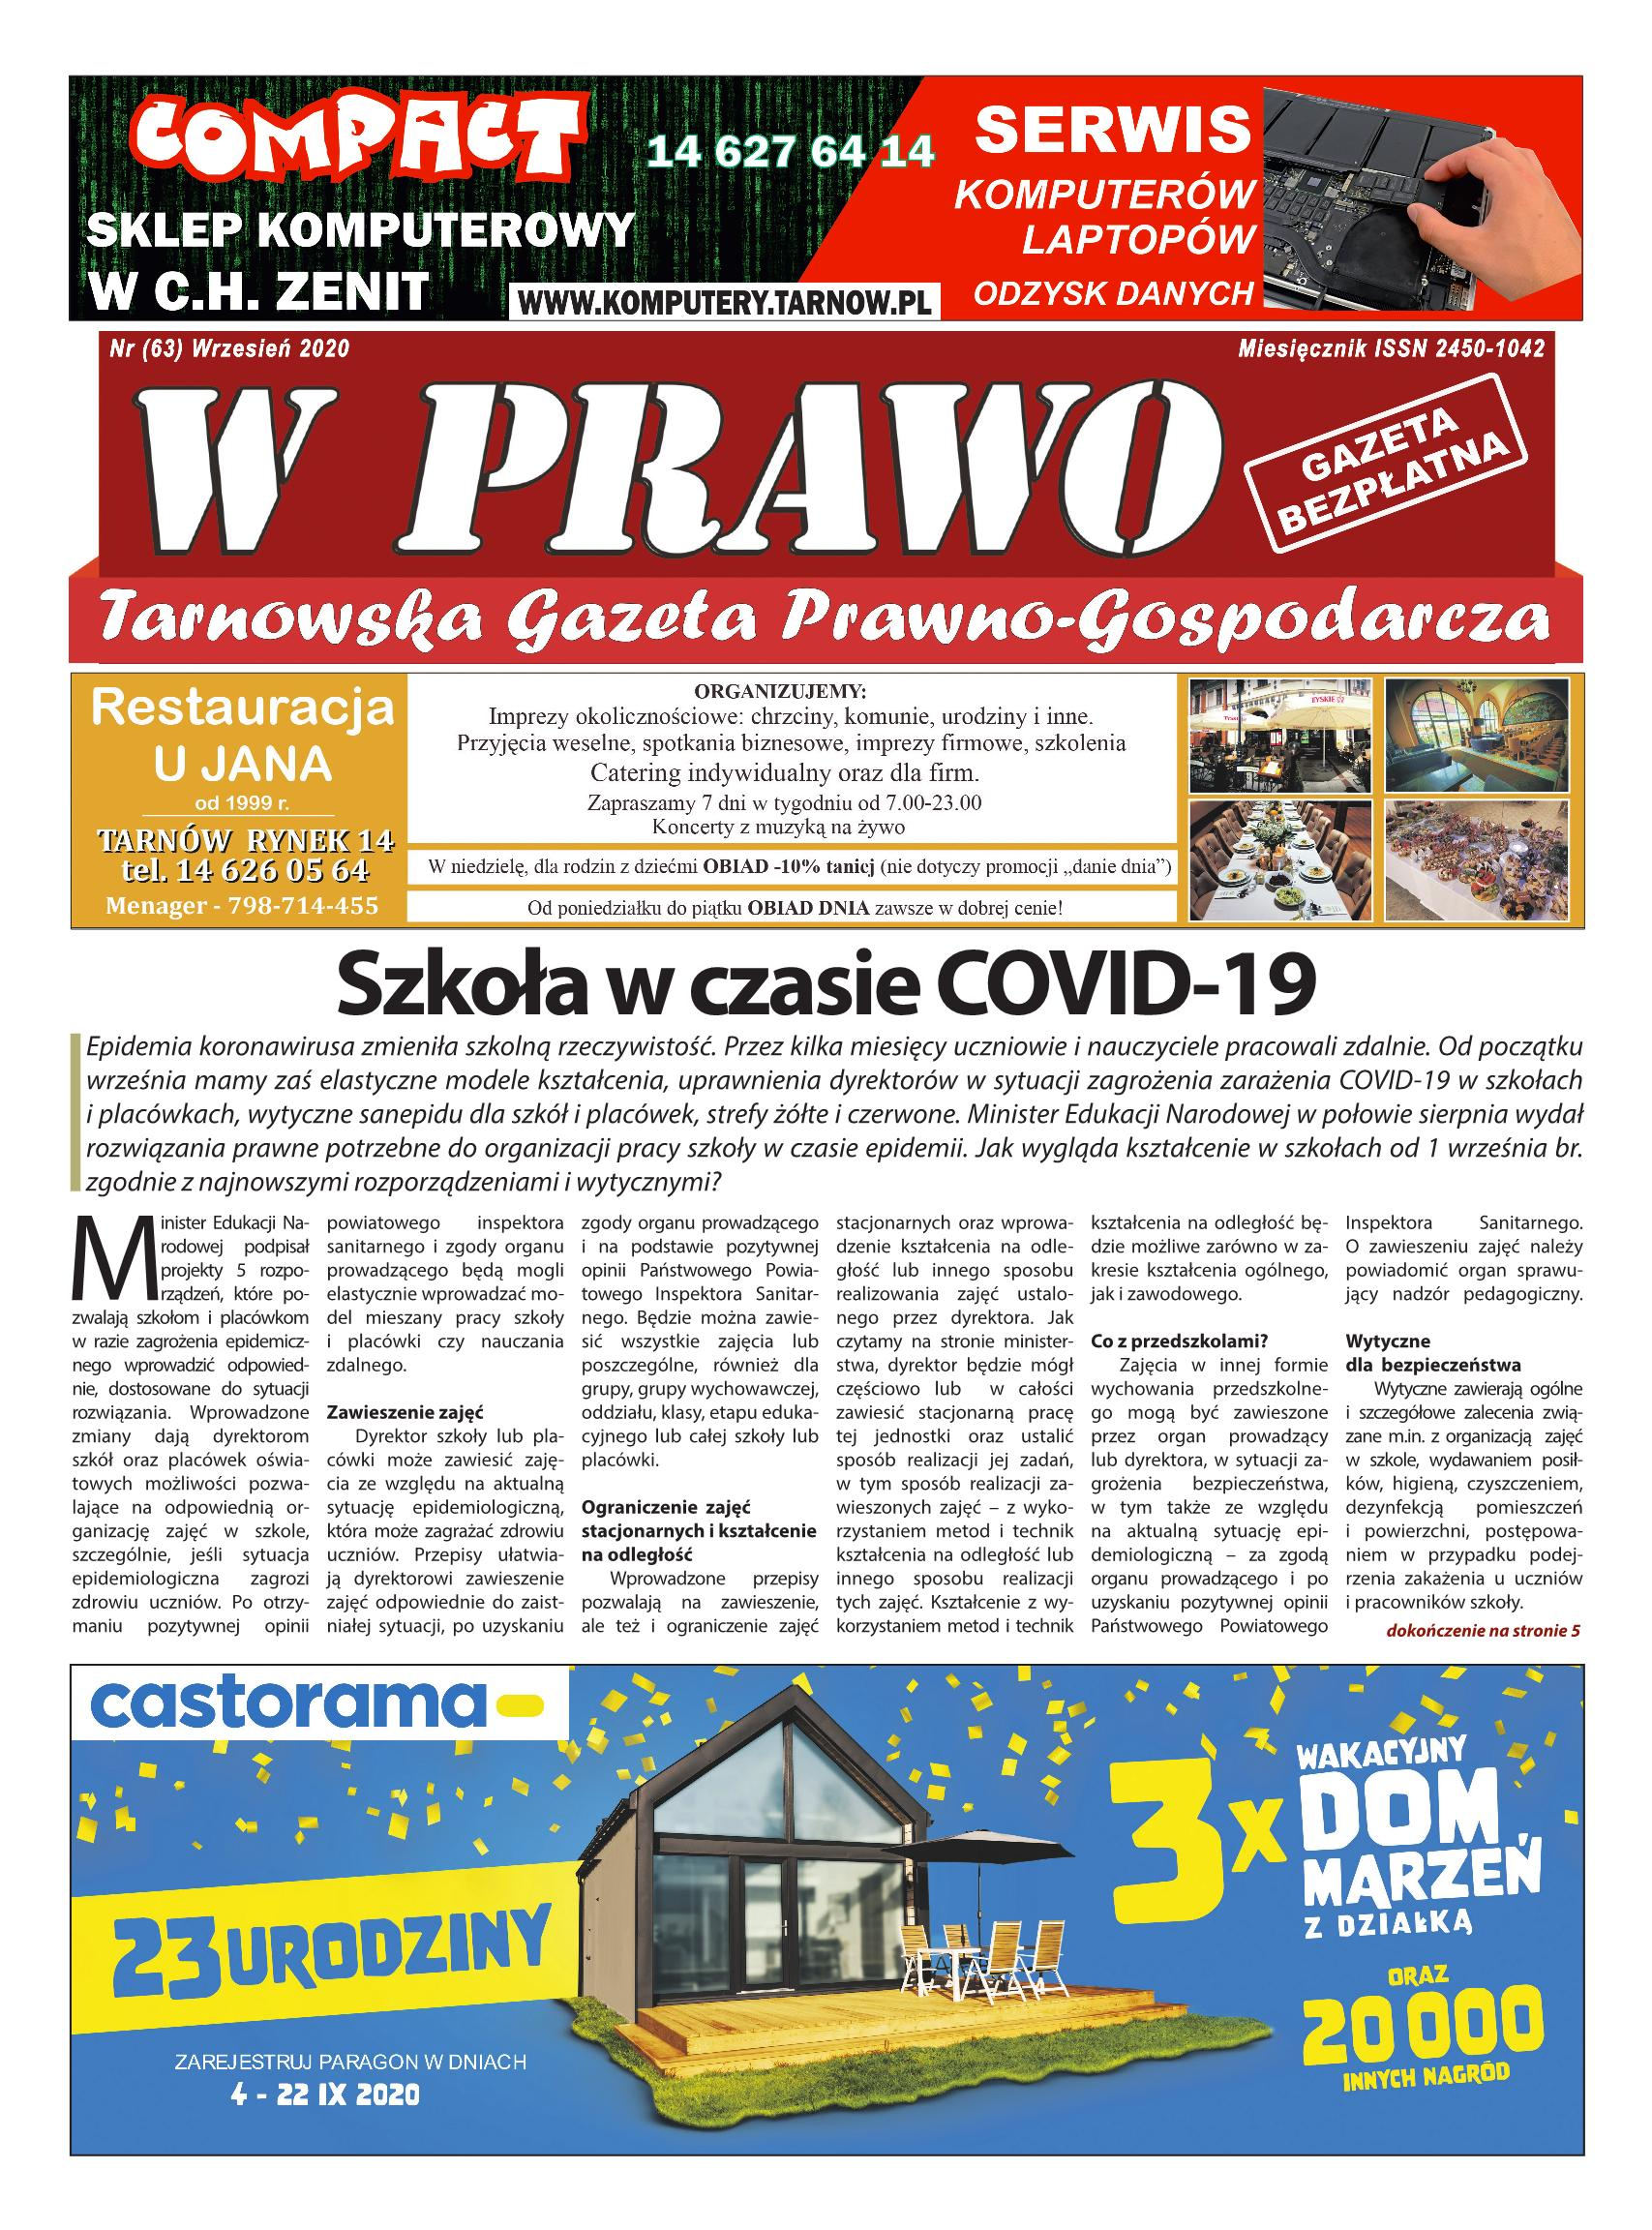 Najnowszy numer Tarnowskiej Gazety Prawno - Gospodarczej W PRAWO w dniu dzisiejszym jest dystrybuowany na obszarze.. ziemi tarnowskiej.